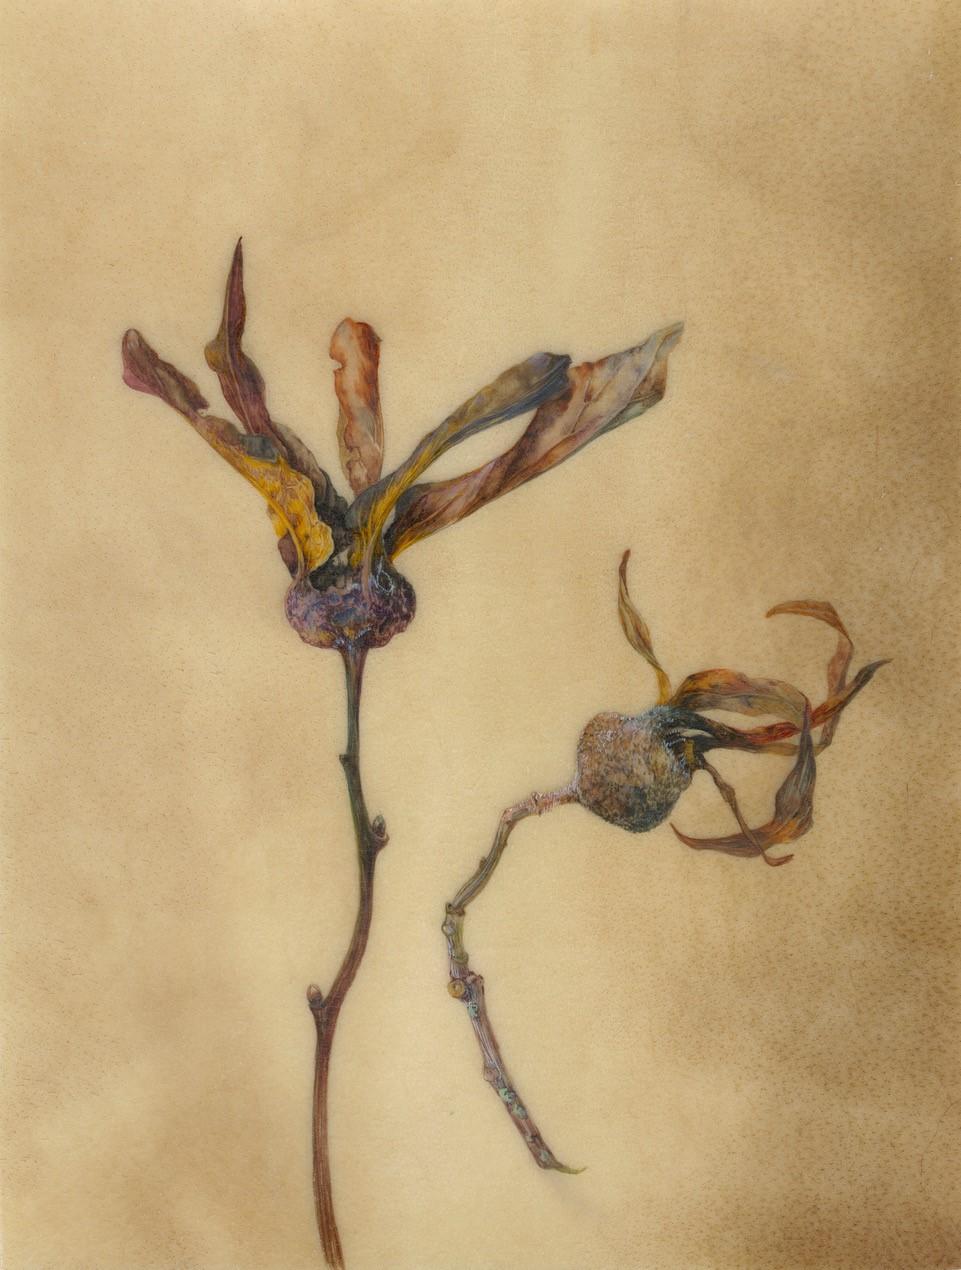 The Last Medlars  watercolour on vellum  36 x 40 cm framed  SOLD